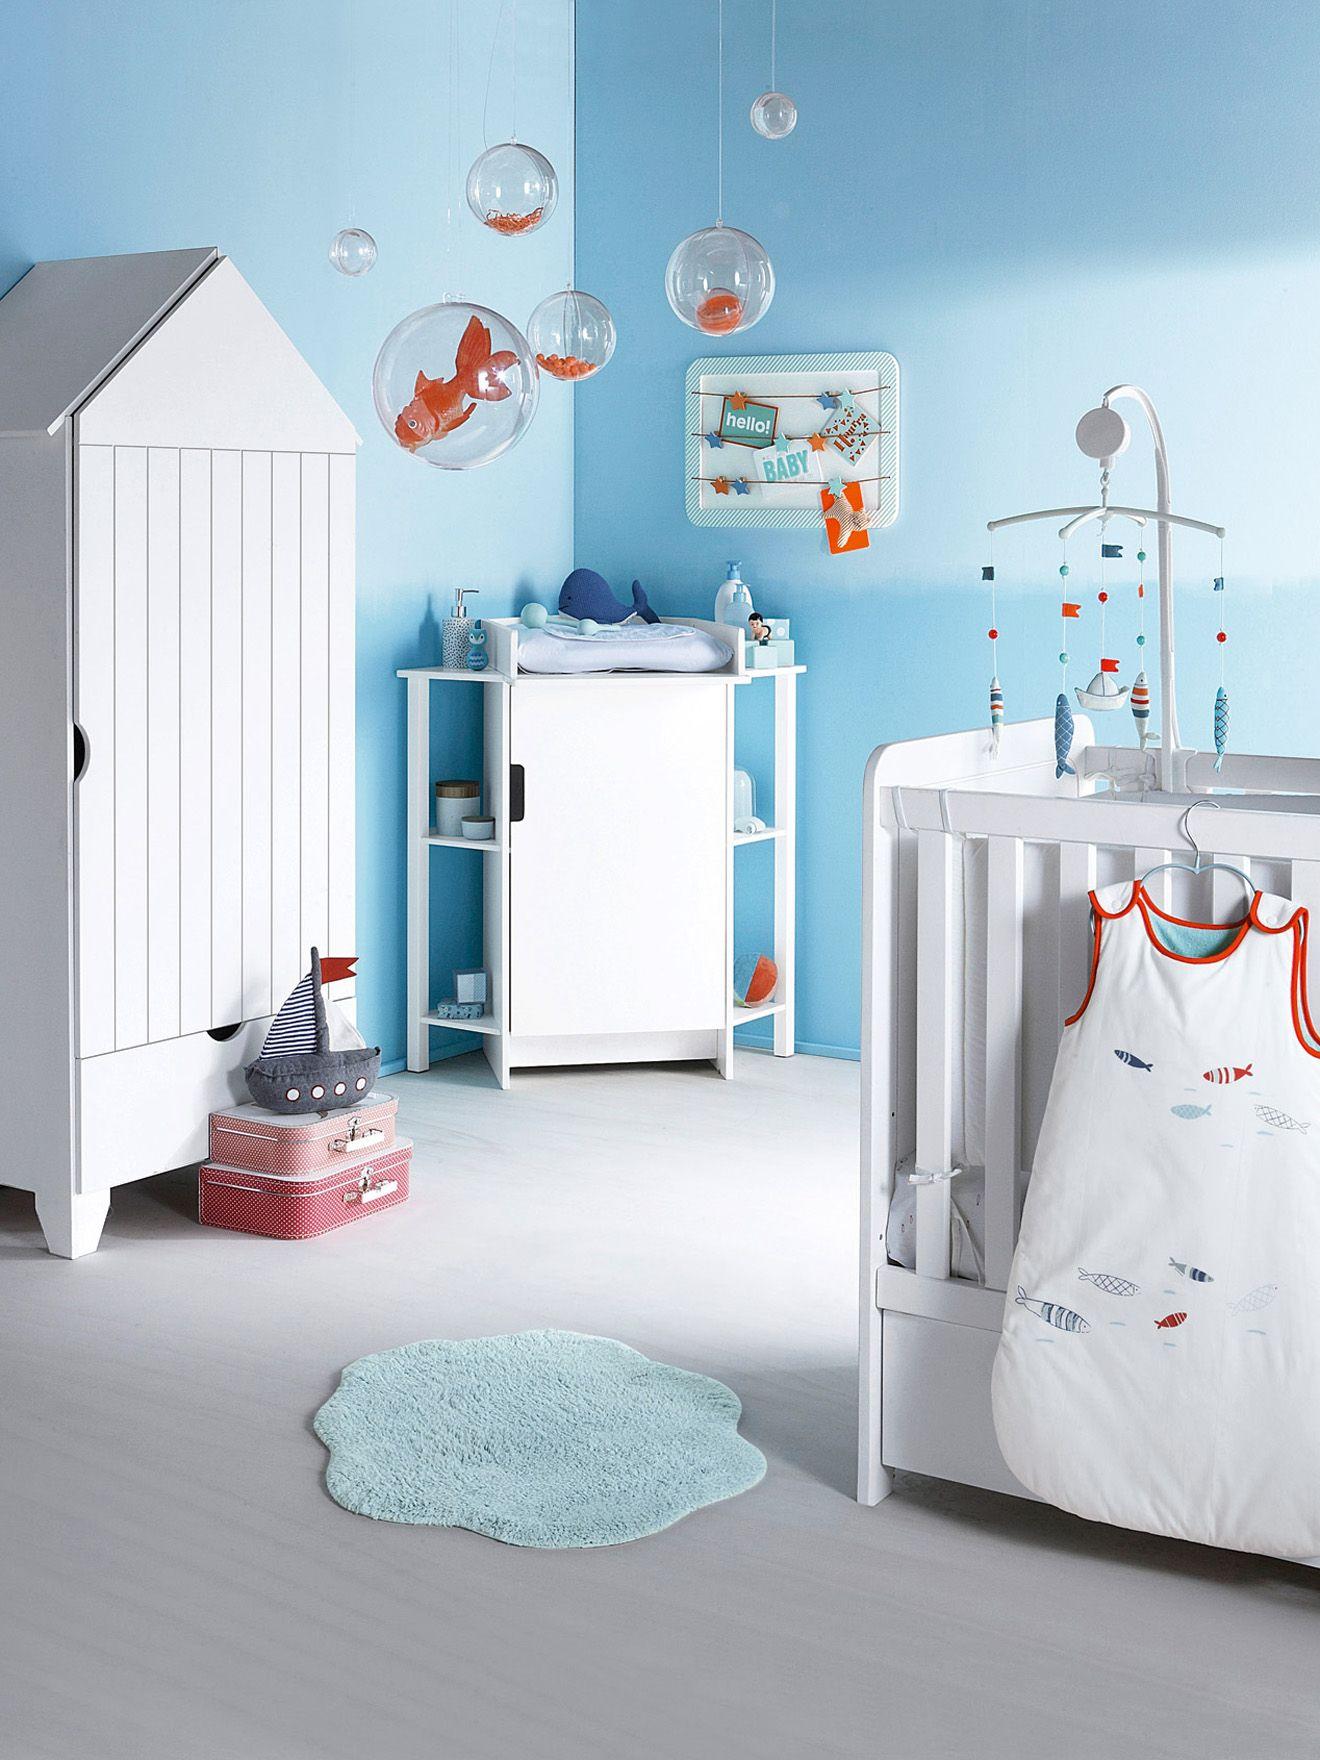 chambre bébé enfant déco bord de mer mur bleu claire armoire cabine ...